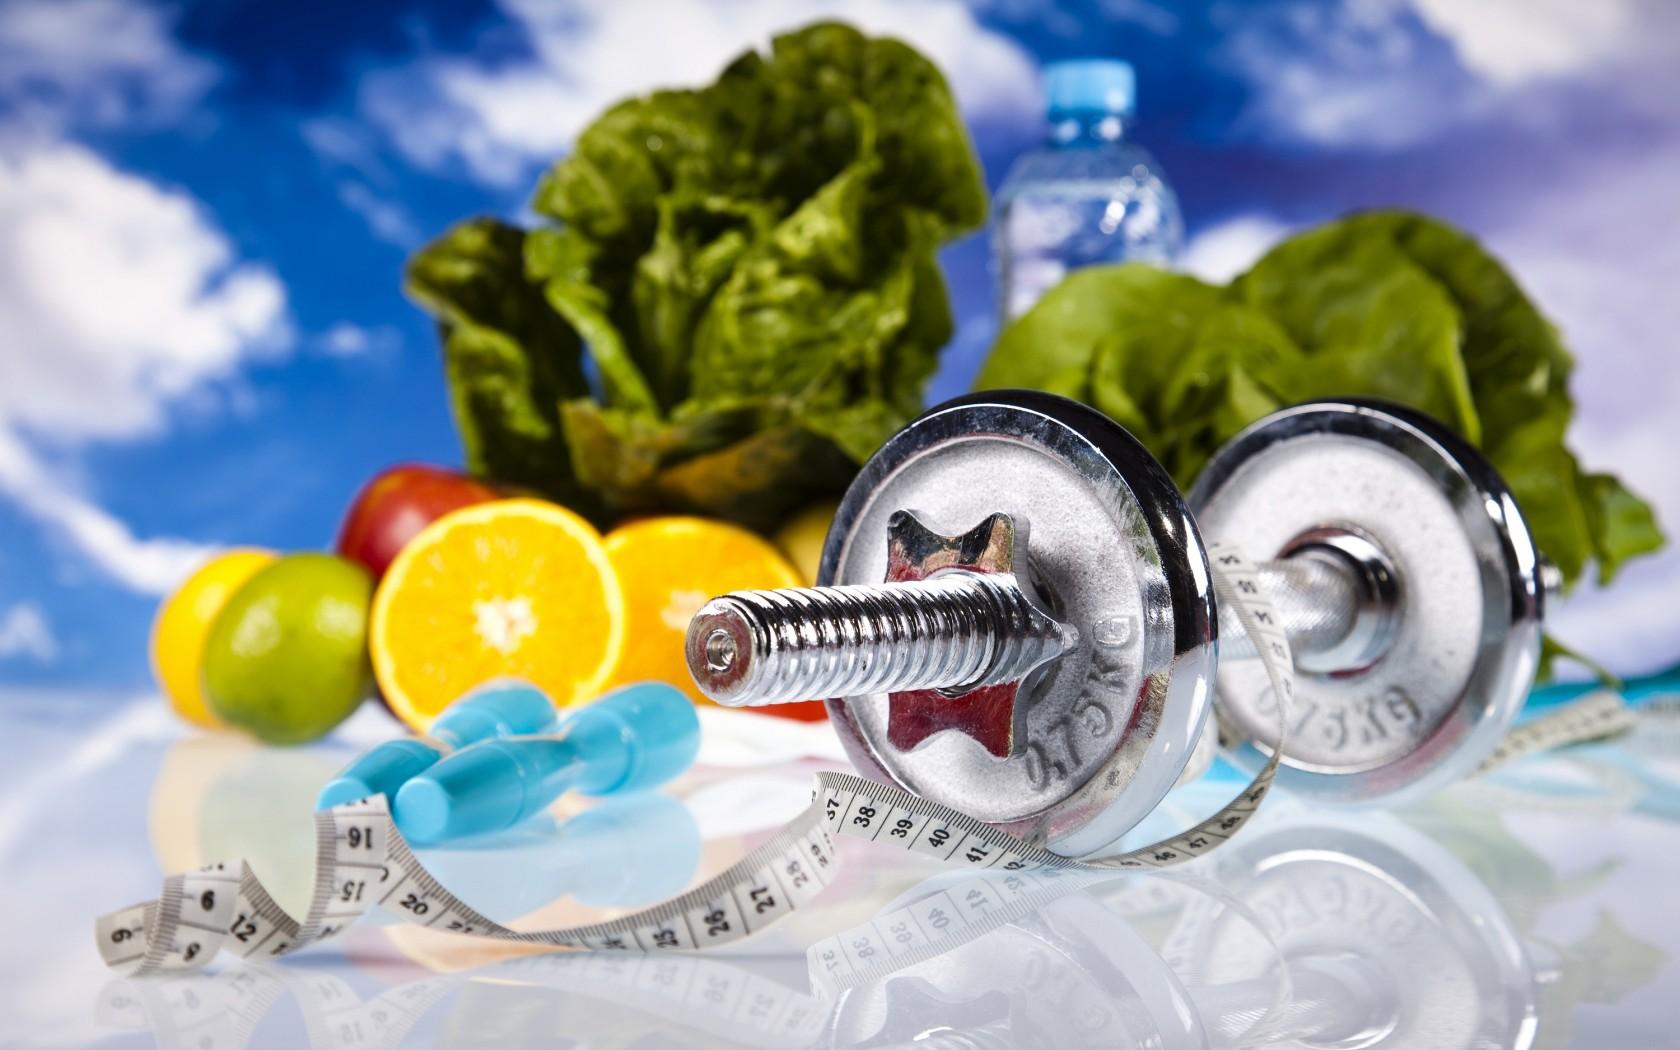 Науитесь сочетать умеренные физические нагрузки и правильное питание, тогда сода усилит эффект похудения